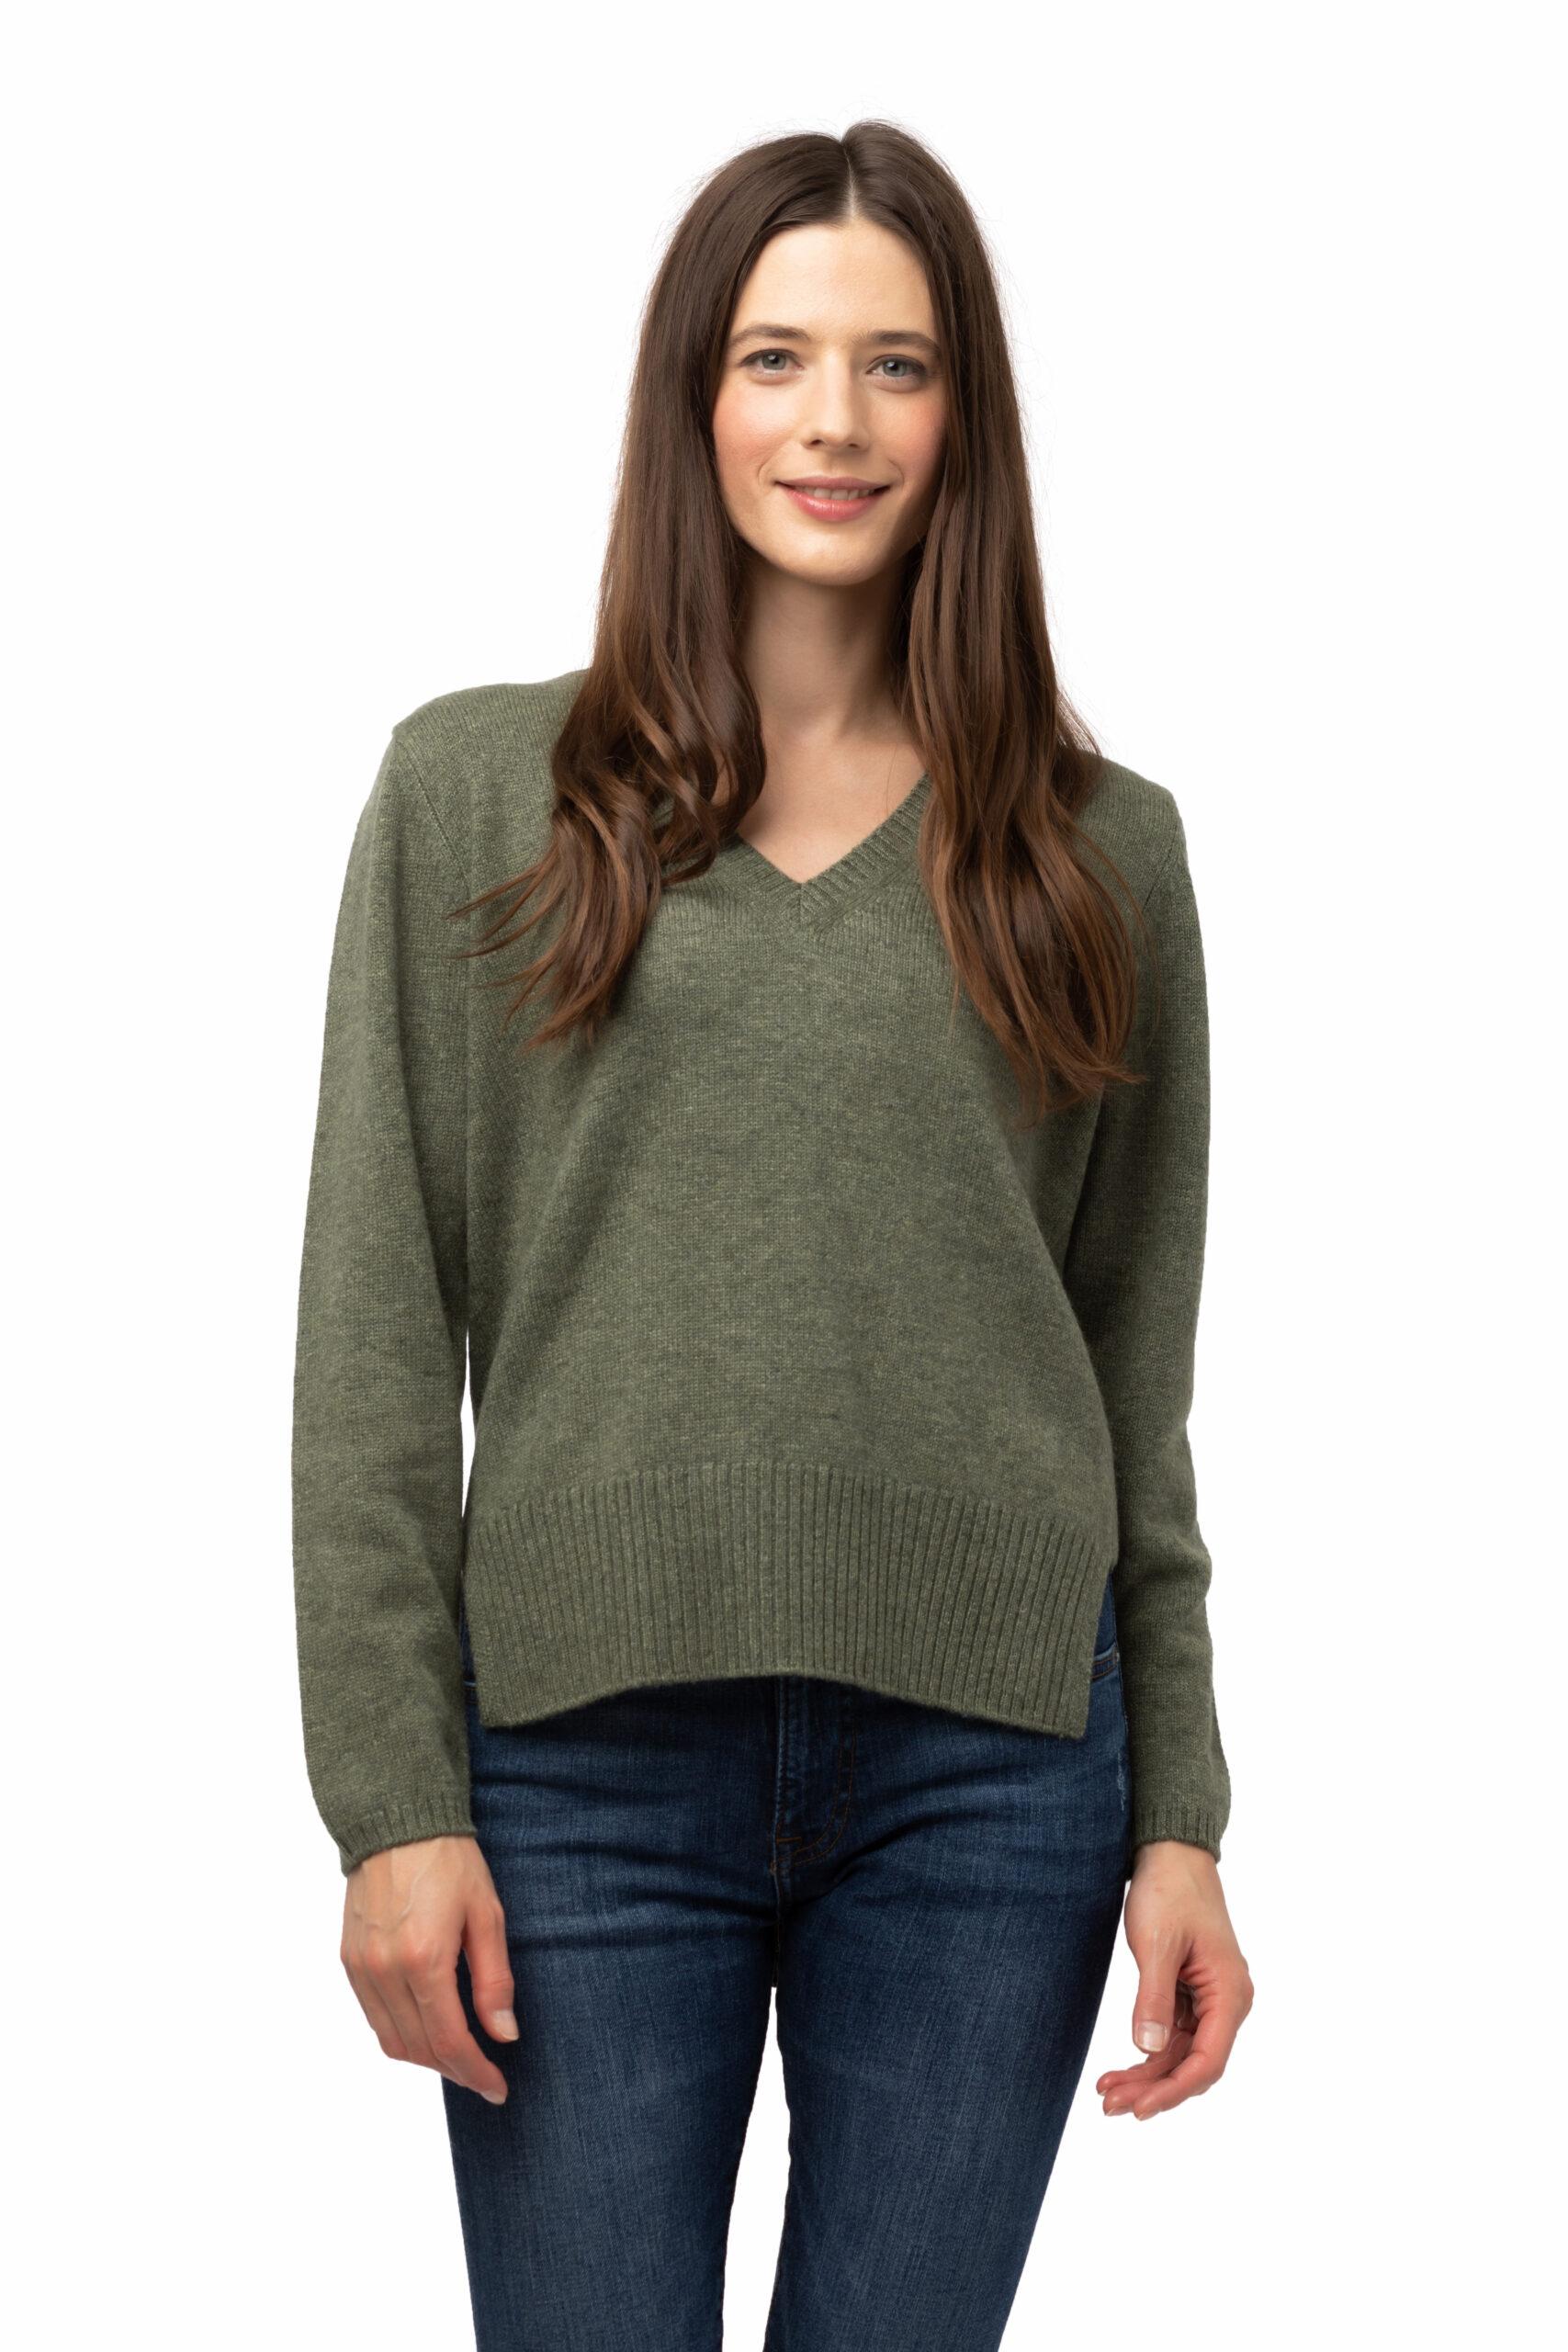 Tröja Hedda - V ringad kashmir tröja grön